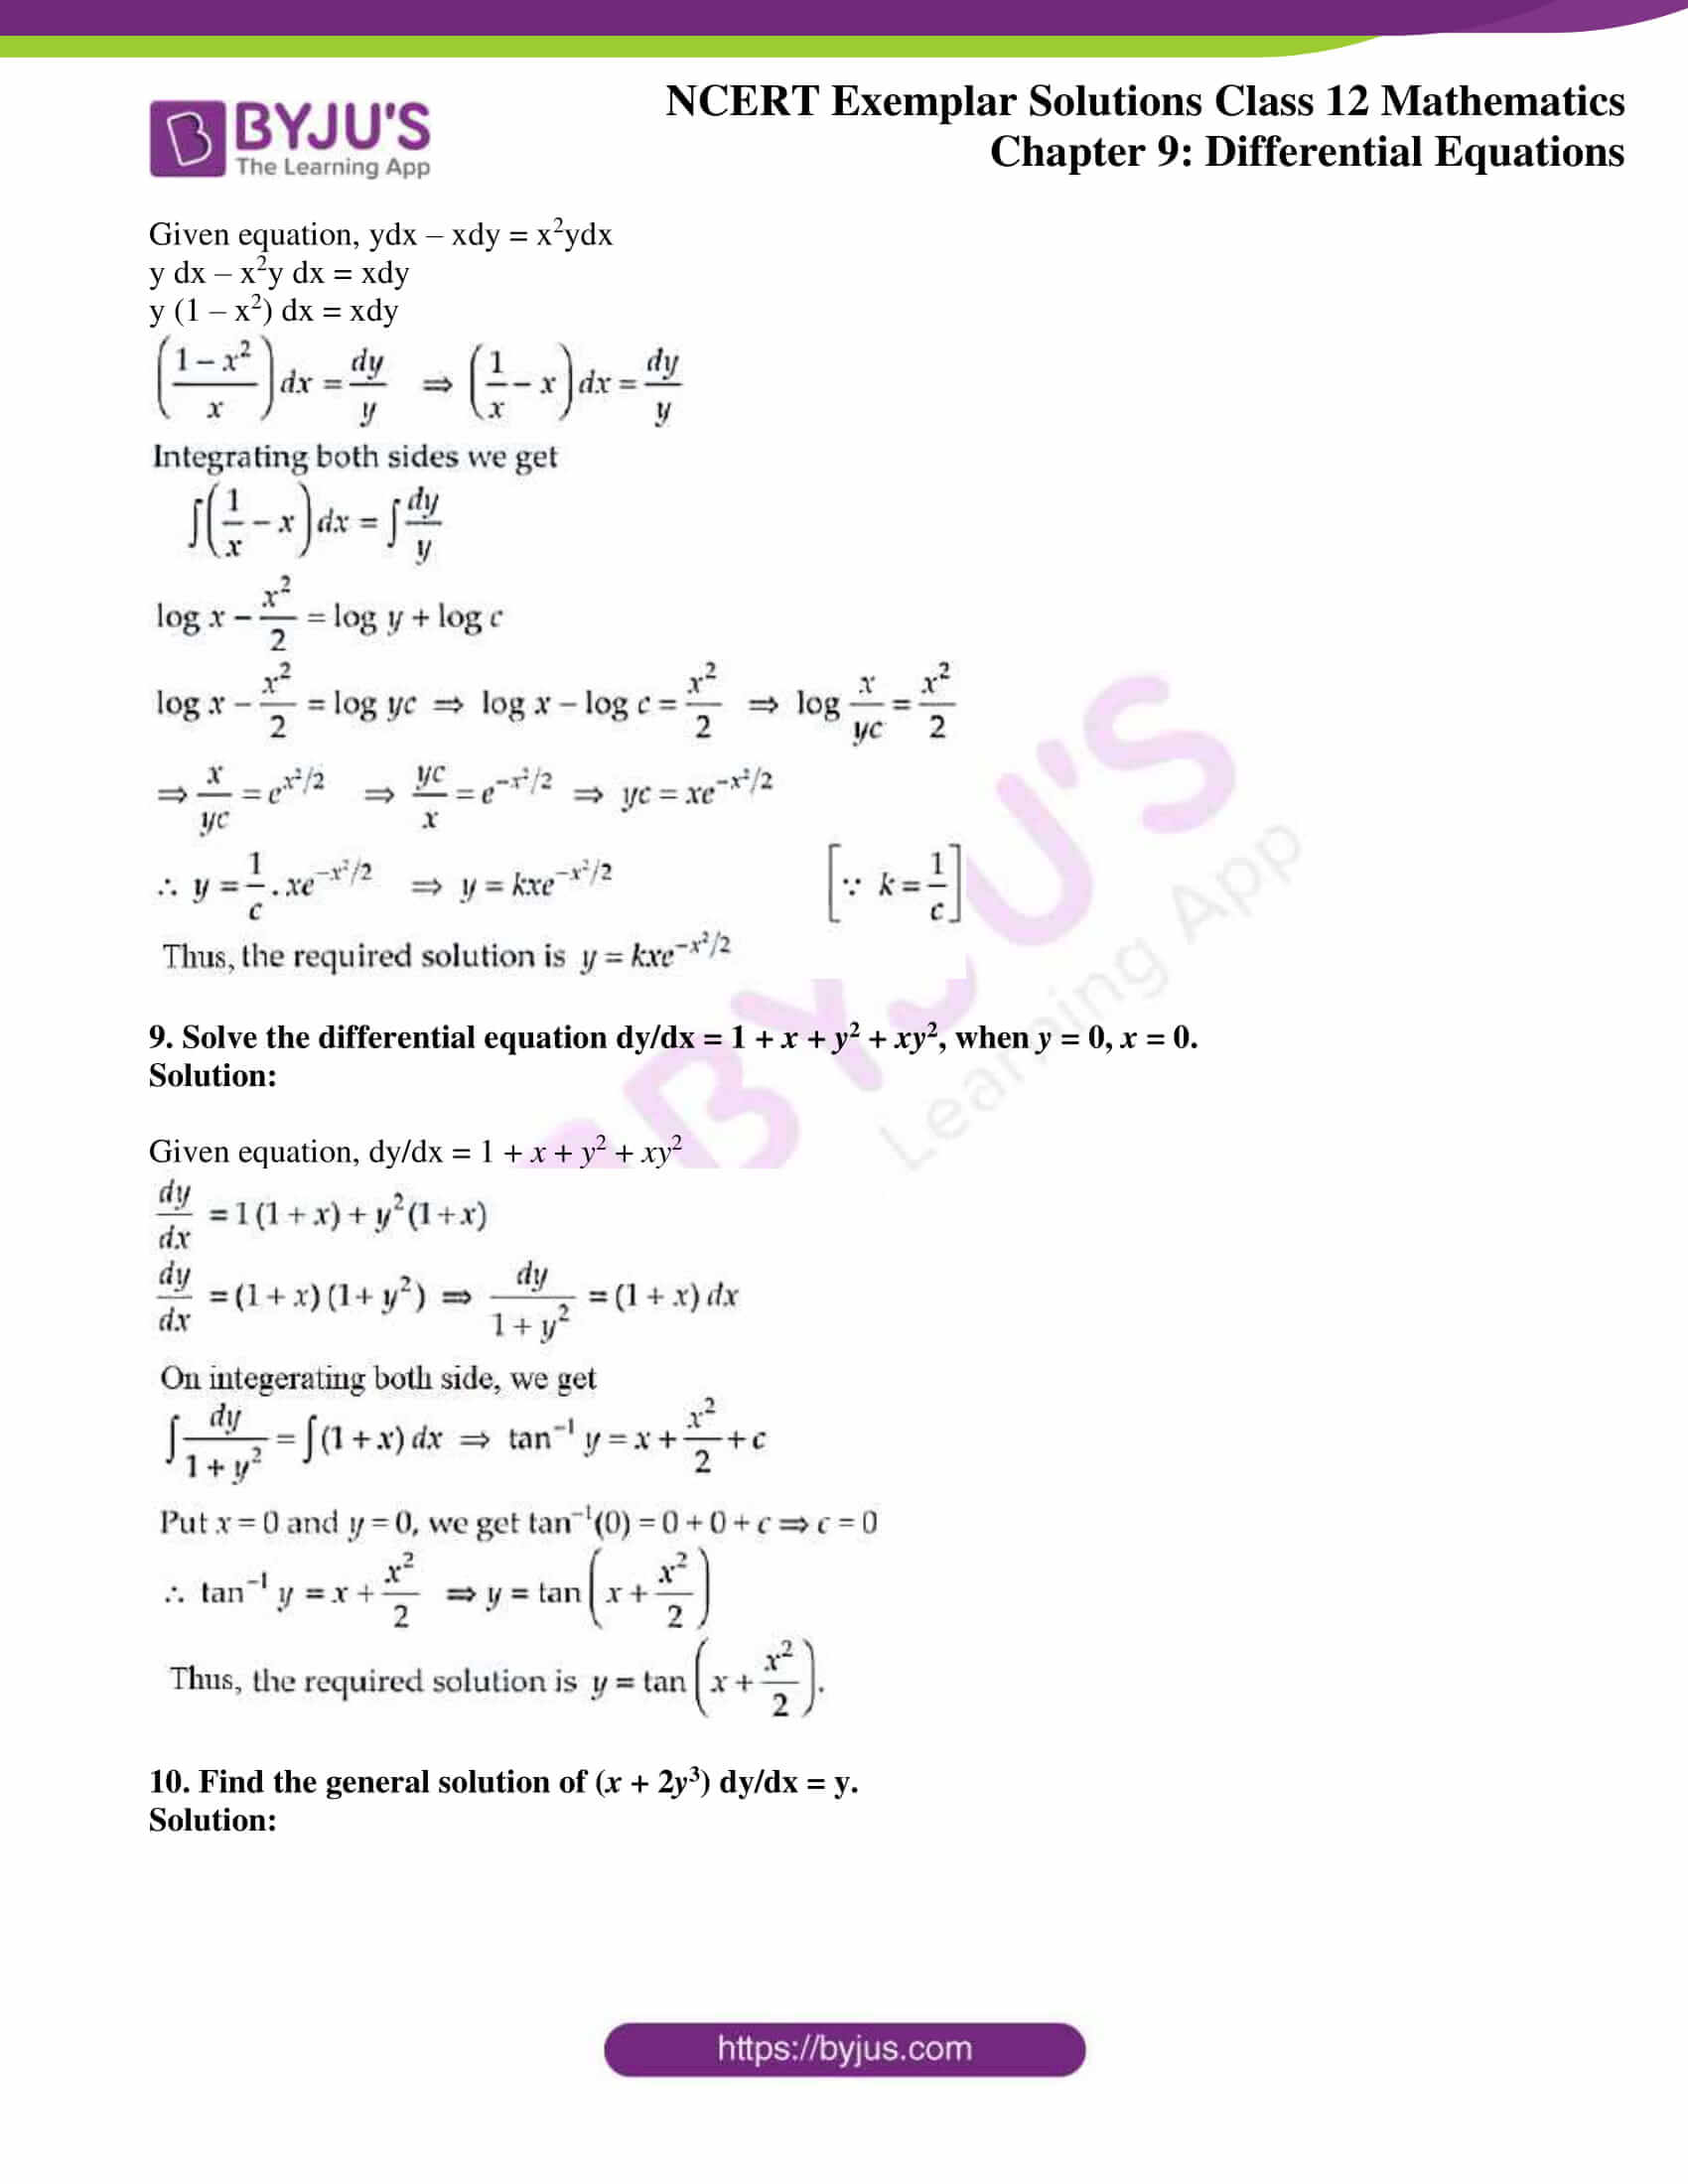 ncert exemplar sol class 12 mathematics ch 9 04